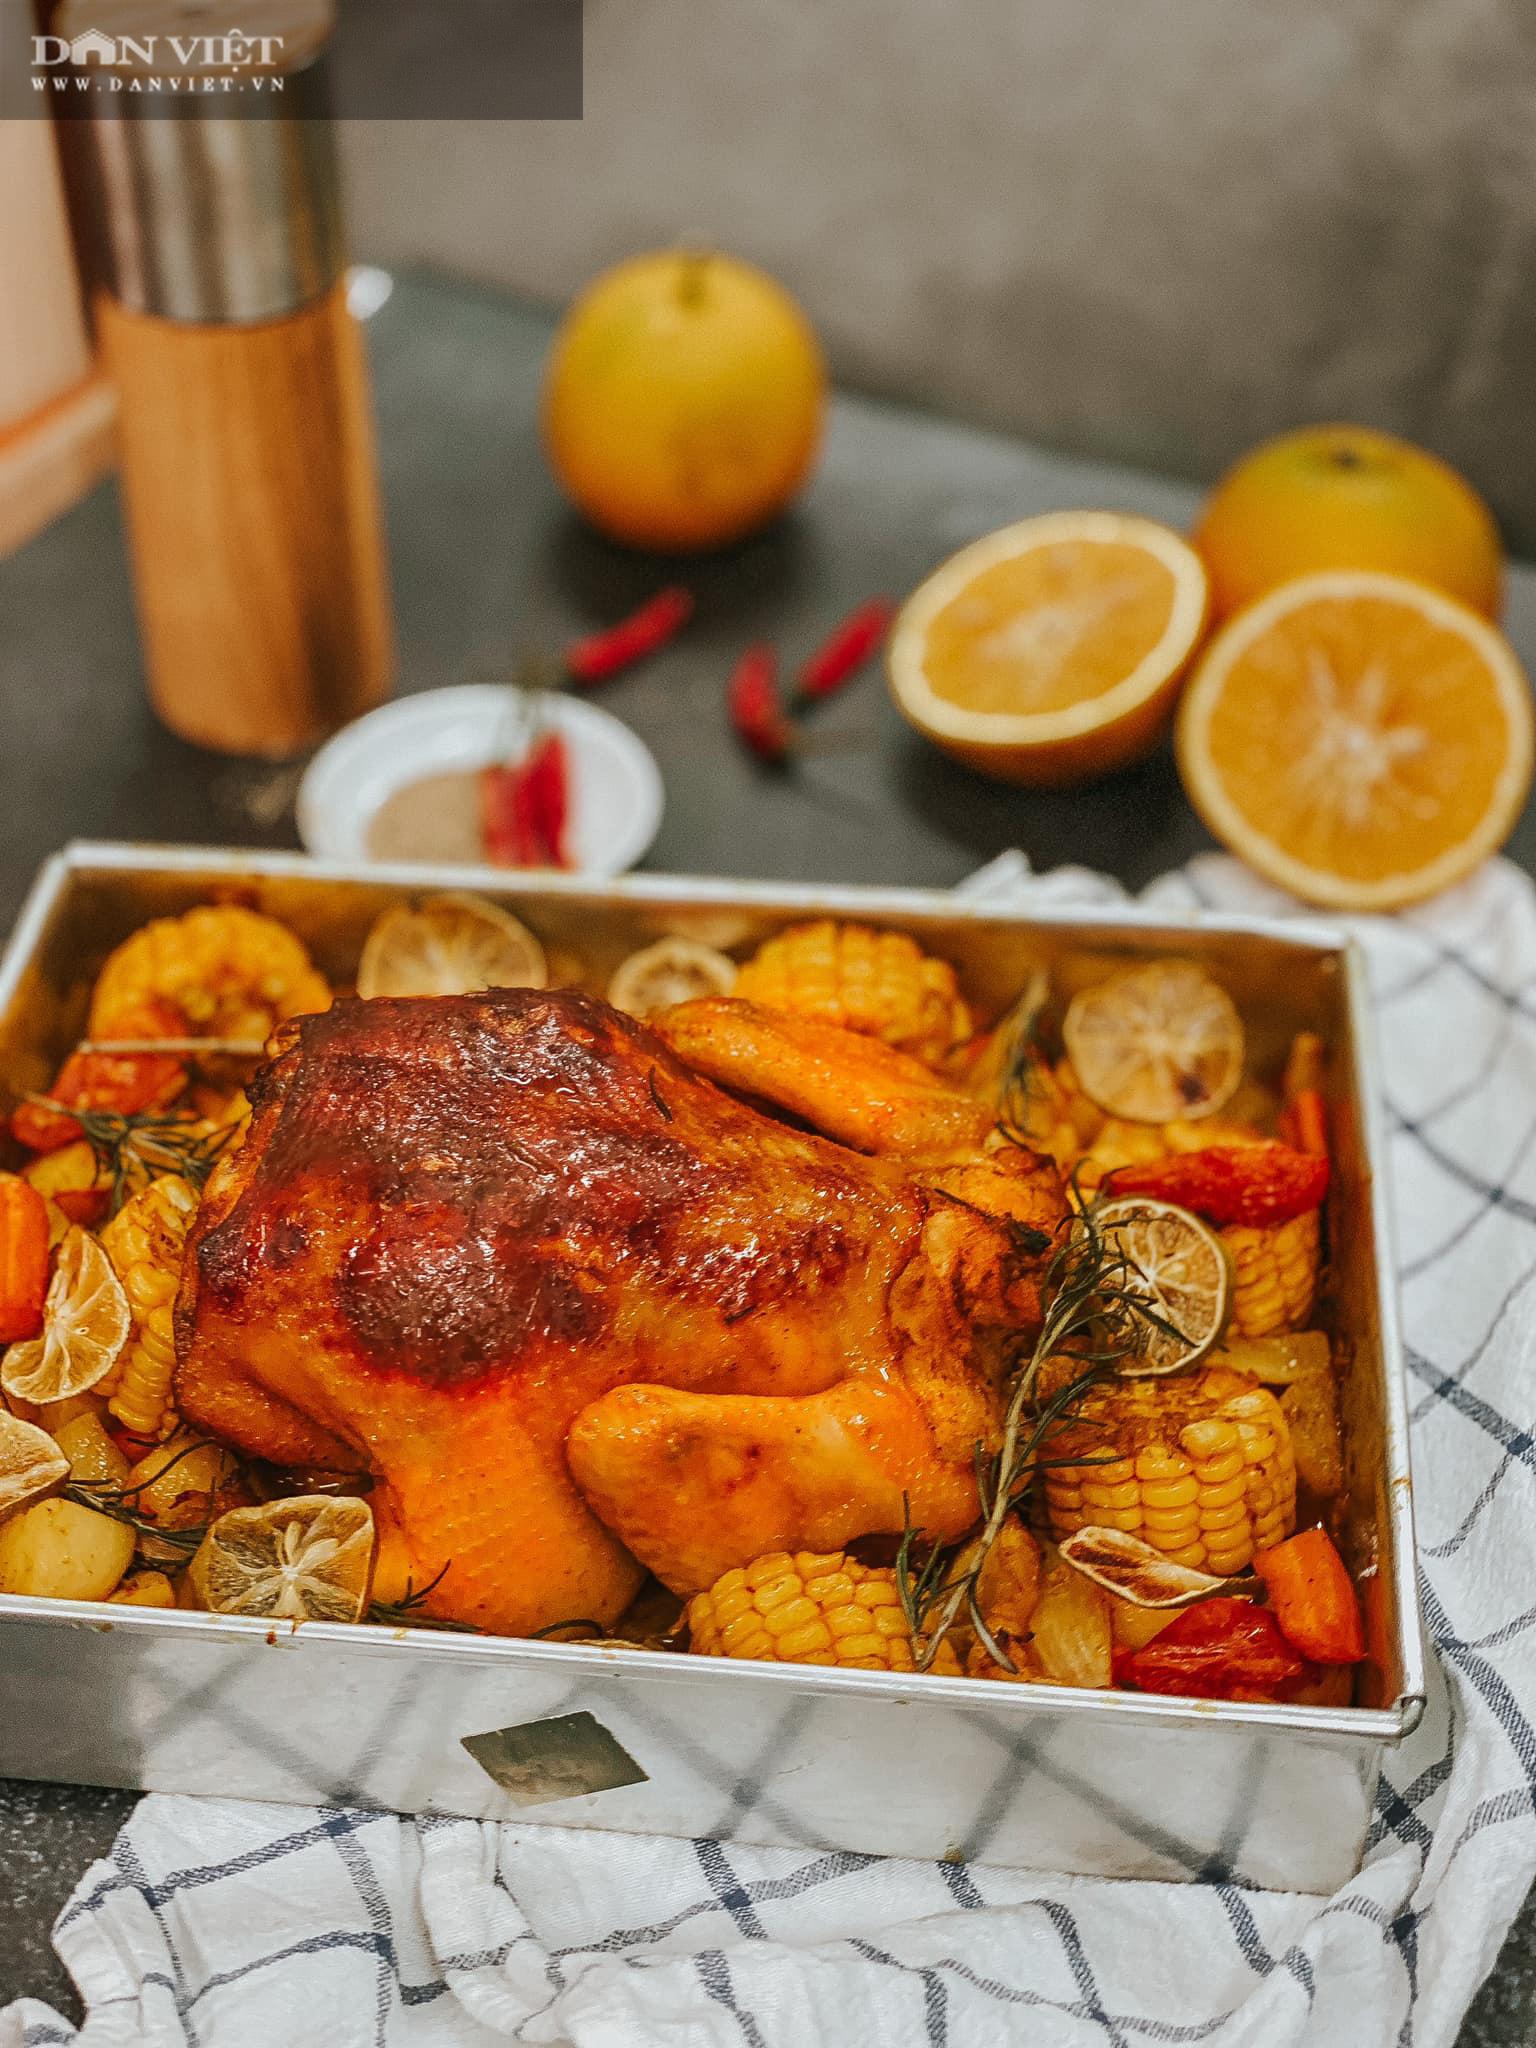 Trời lạnh xuýt xoa với món gà nướng nguyên con với cam và củ quả - Ảnh 2.